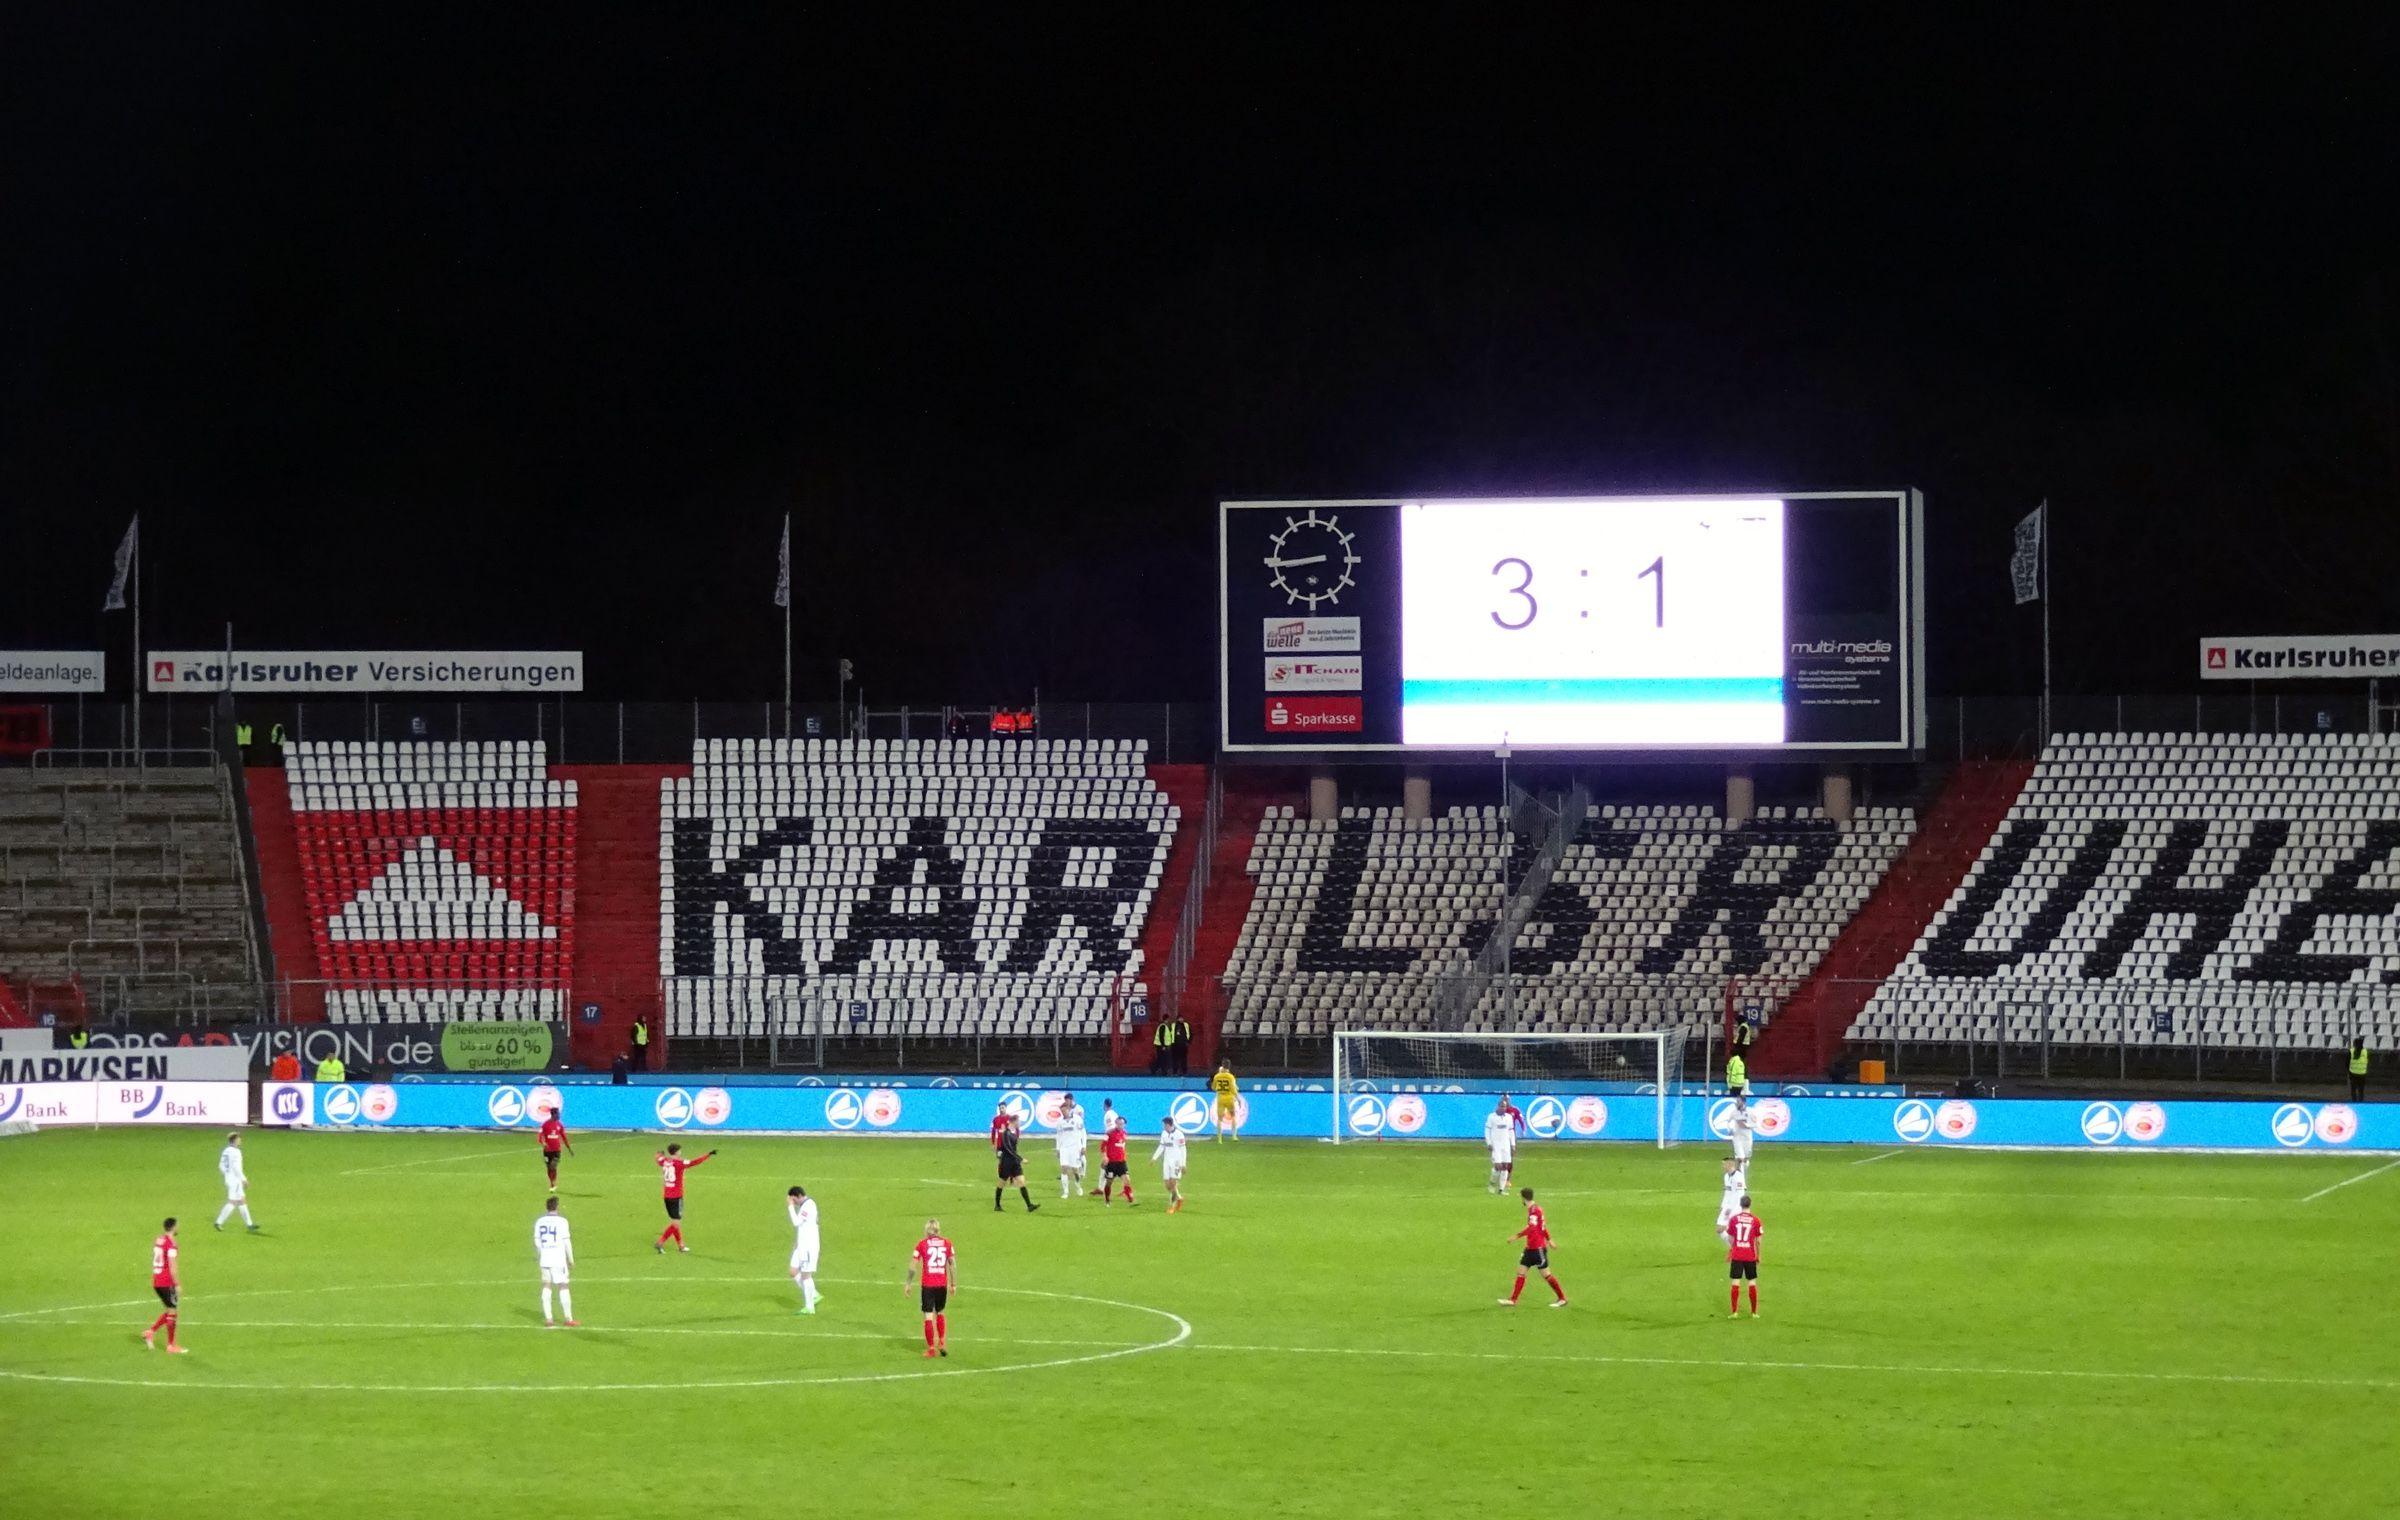 KSC vs SG Sonnenhof Großaspach 3:1